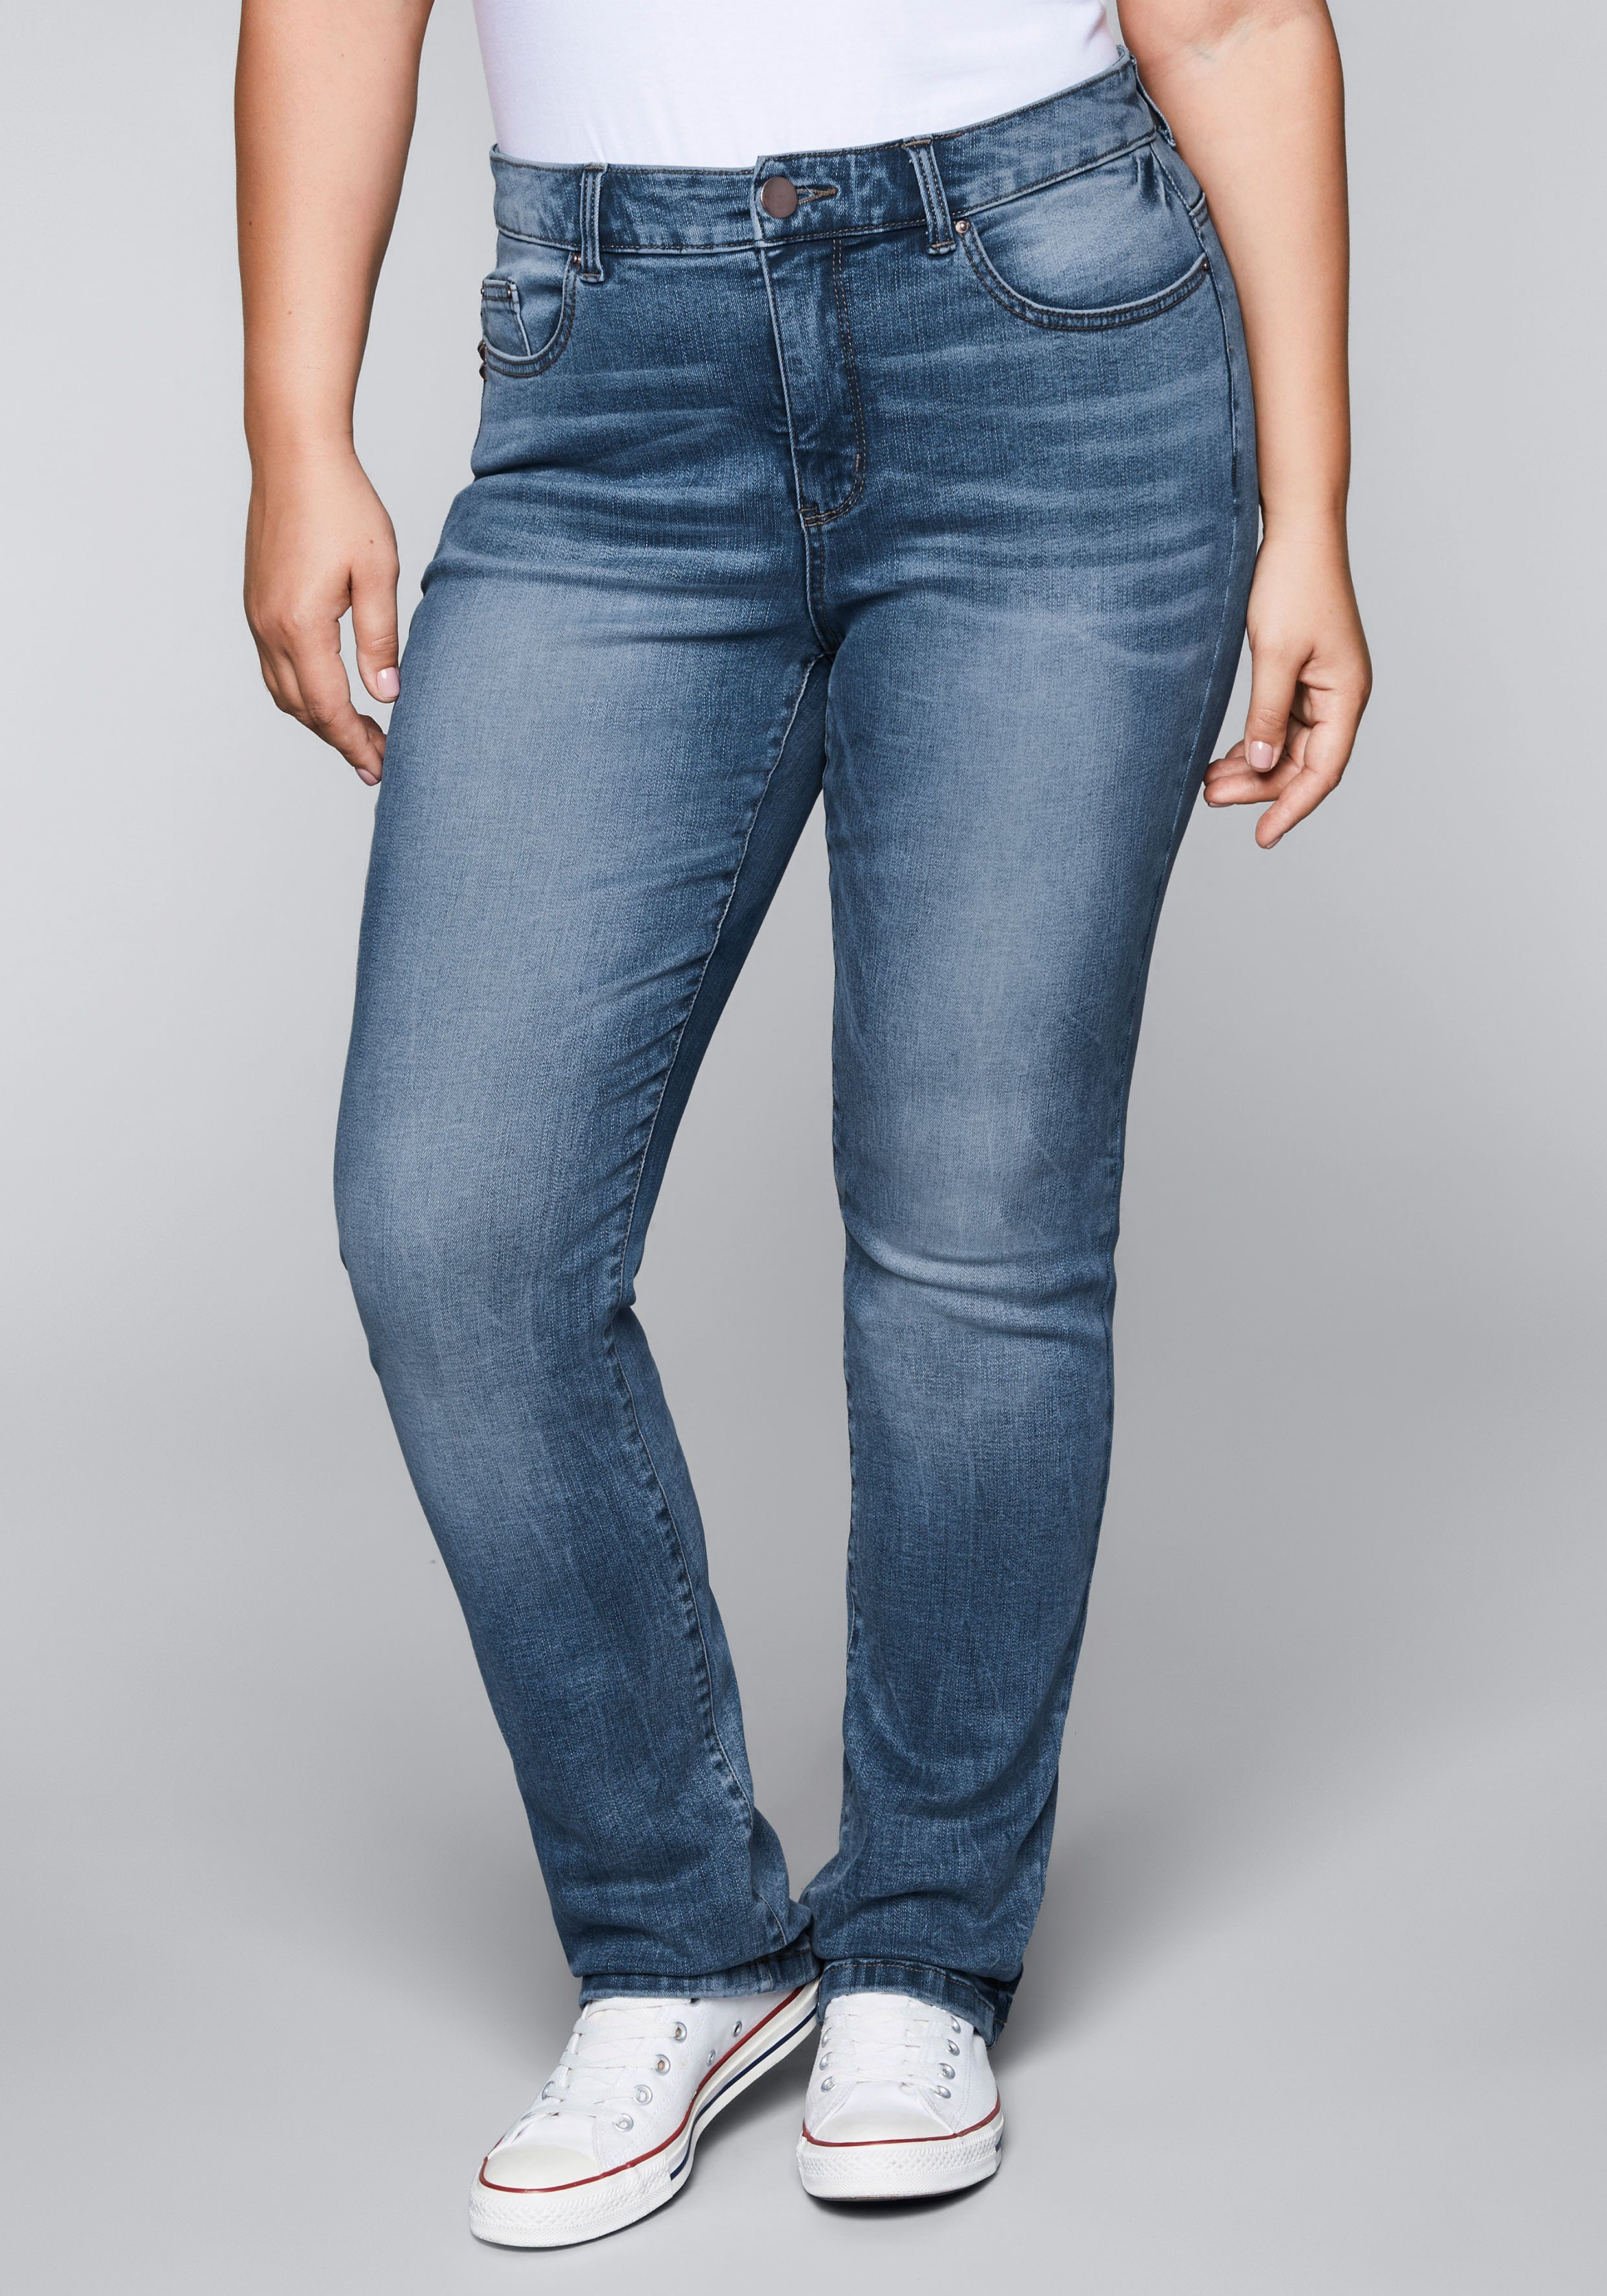 Sheego Gerade Jeans mit Bodyforming Effekt kaufen   OTTO